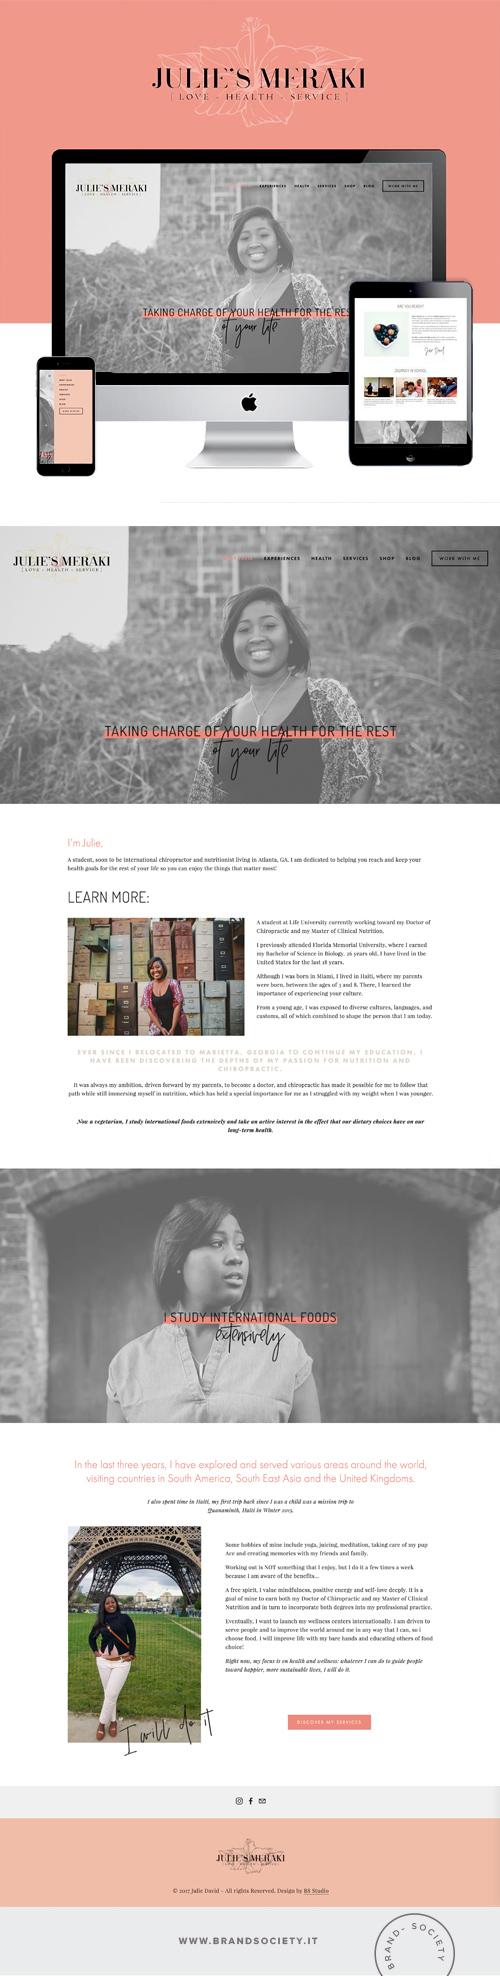 JULIE's MERAKI SERVICES|| SQUARESPACE WEBSITE | PORTFOLIO DESIGN | COLOR PALETTE